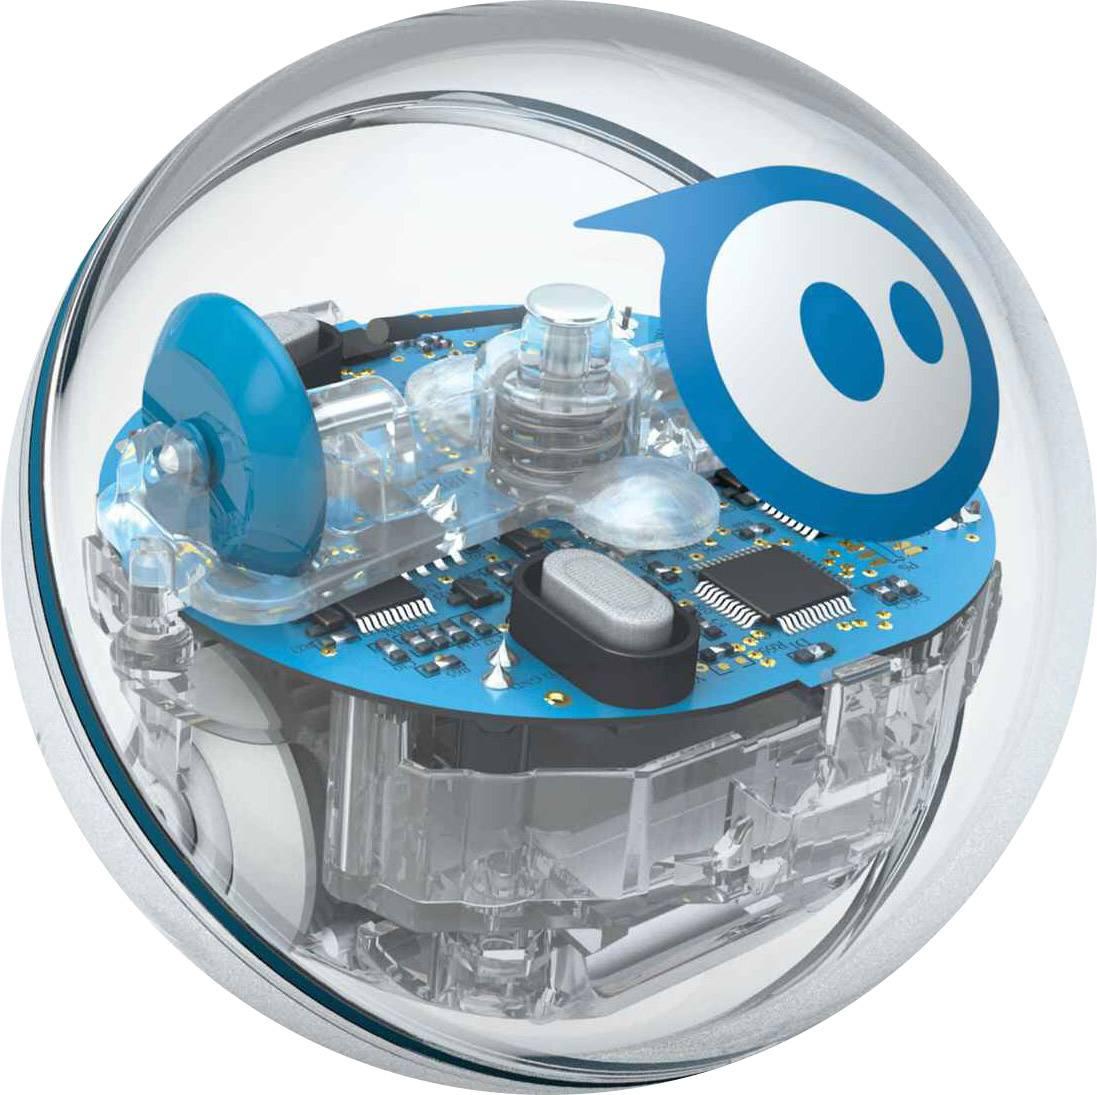 Droid ovládaný smartfónom - robotická guľa Sphero SPRK+ K001ROW